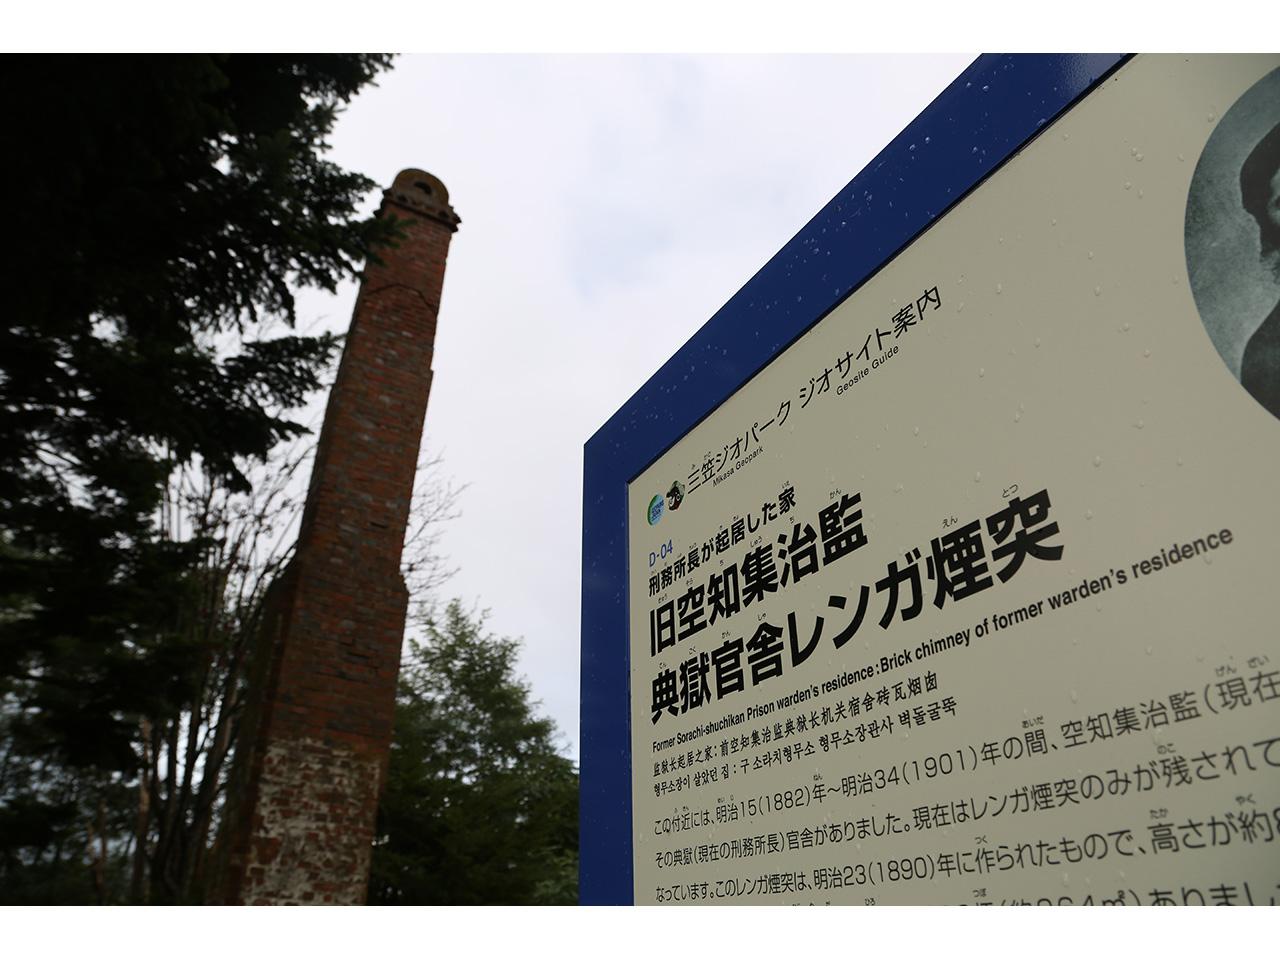 画像:空知集治監典獄官舎レンガ煙突(2)